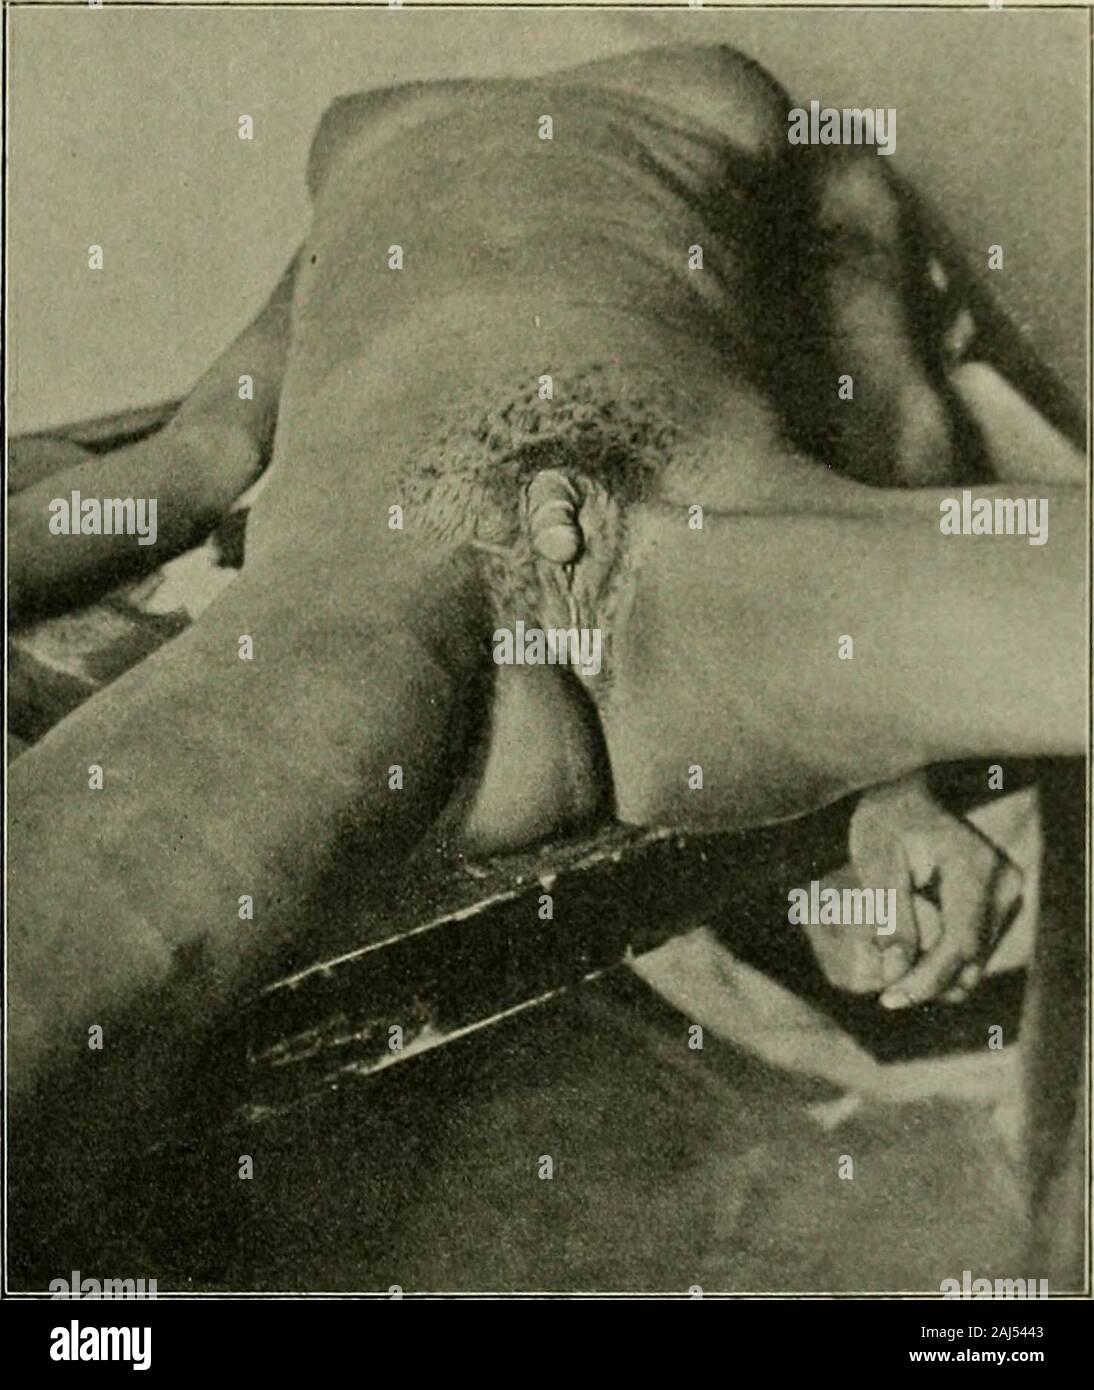 Weibliche Scham Schamhaare Und Intimfrisuren